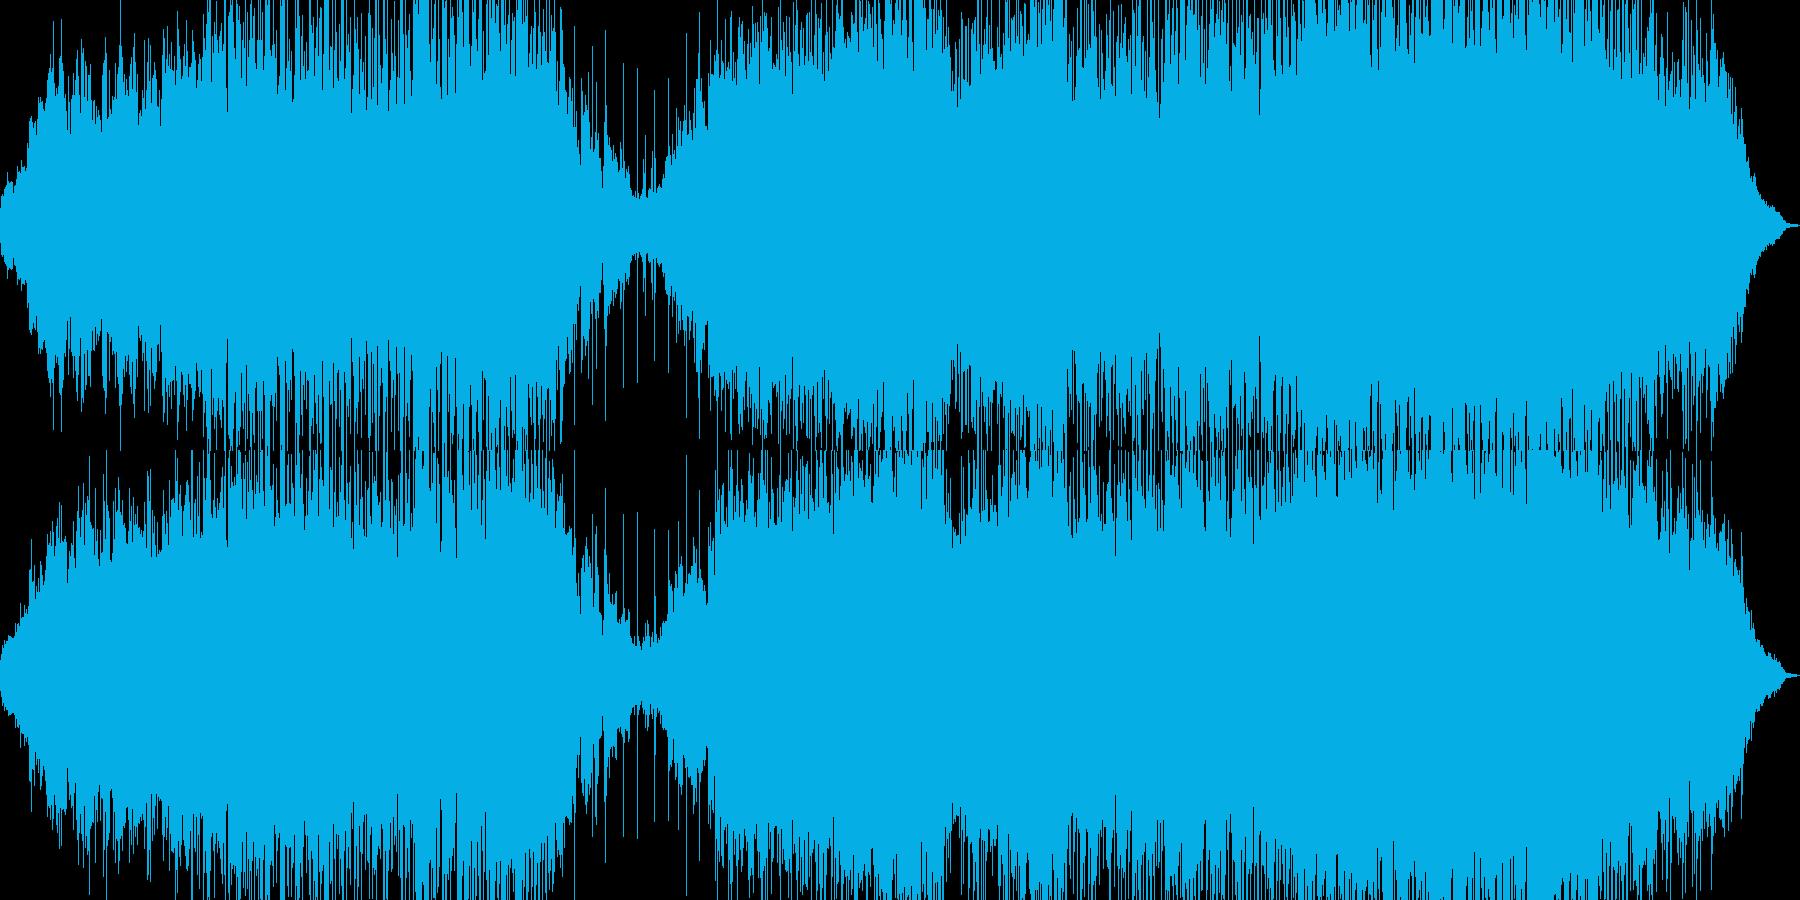 潮風、エメラルドの海、チルアウト系ハウスの再生済みの波形